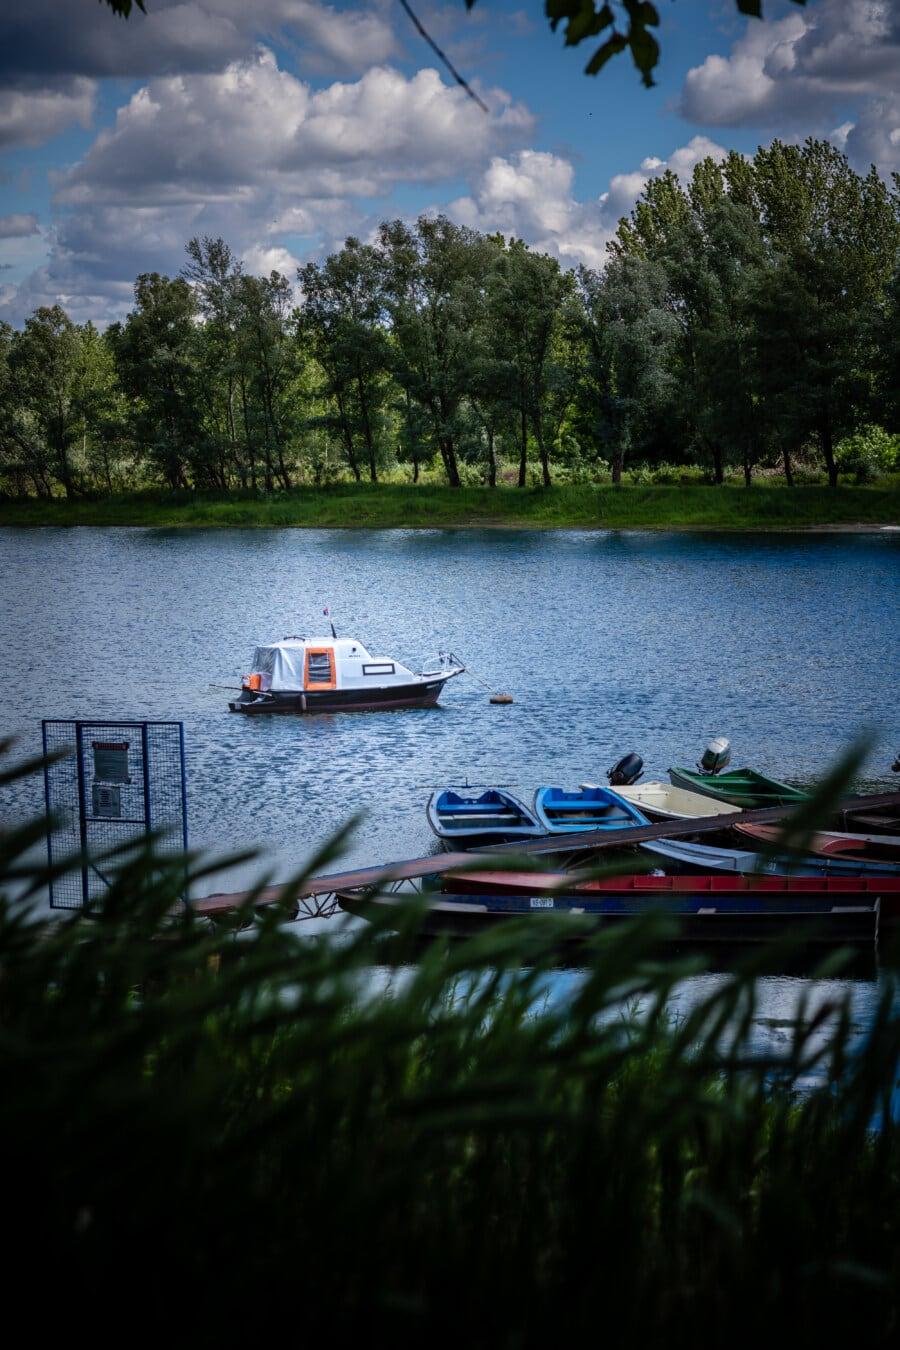 Motorboot, Fluss, Flussschiff, Boote, Erholungsgebiet, Kanal, Boot, Wasser, See, Struktur